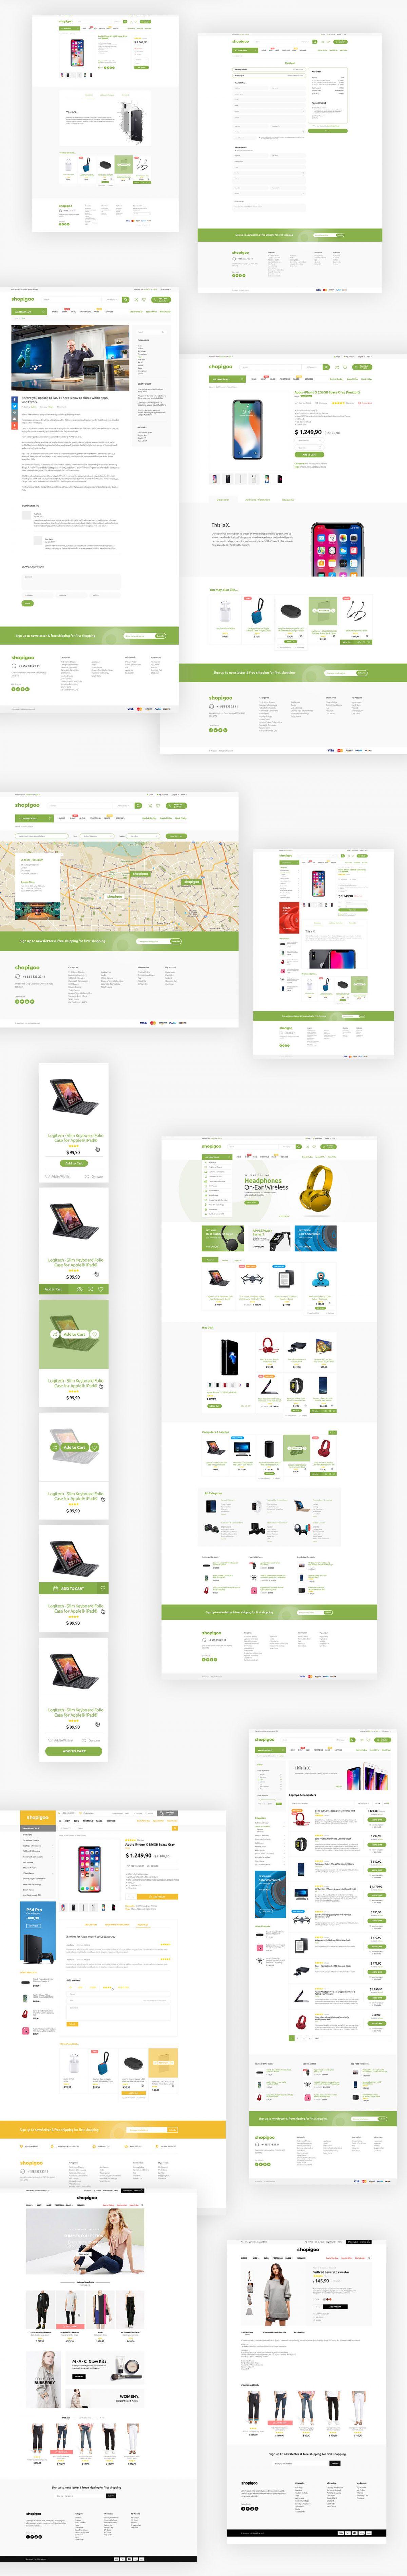 shopigoo-multiuse-ecommerce-psd-template-4